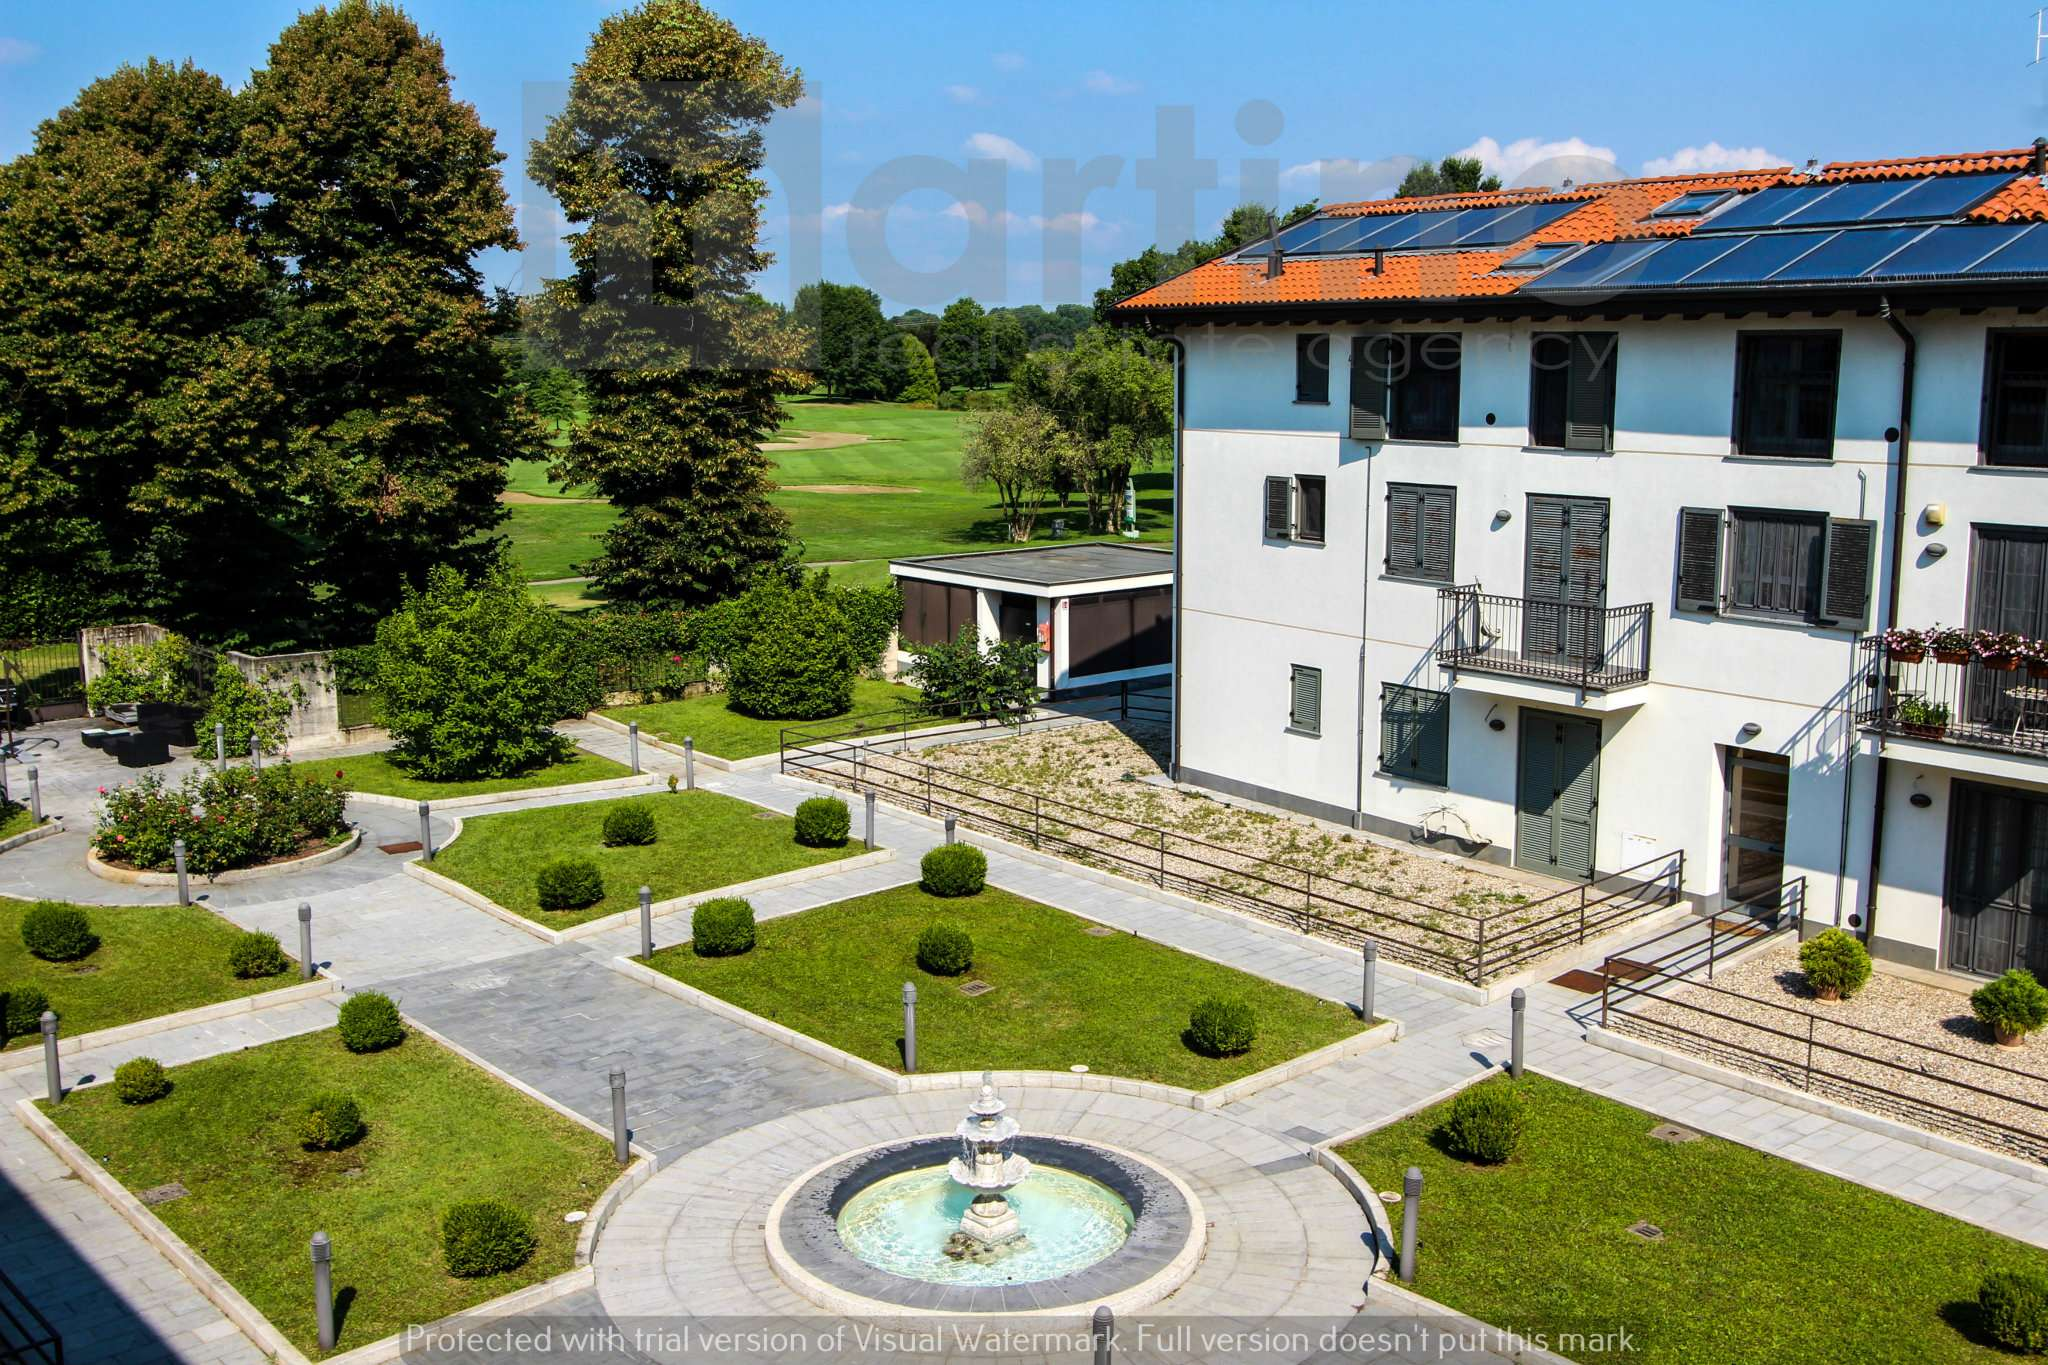 Appartamento in vendita a Bubbiano, 1 locali, prezzo € 87.500 | PortaleAgenzieImmobiliari.it